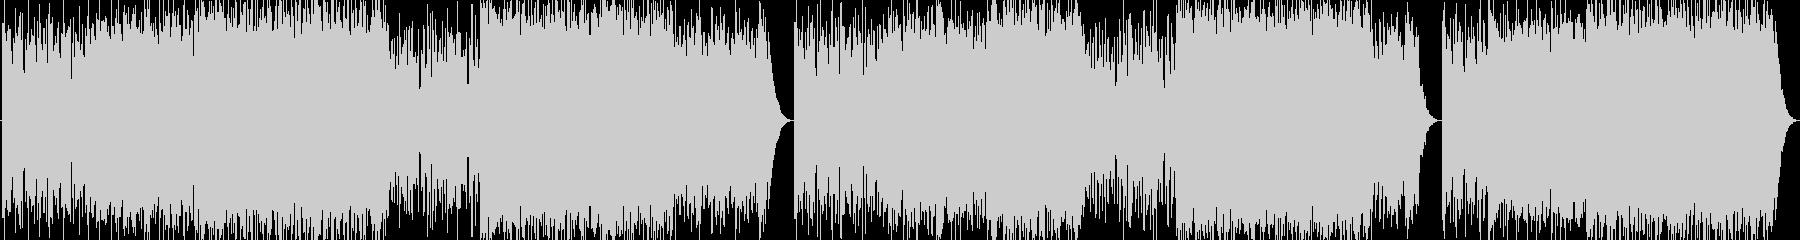 ポップ ロック モダン 交響曲 室...の未再生の波形